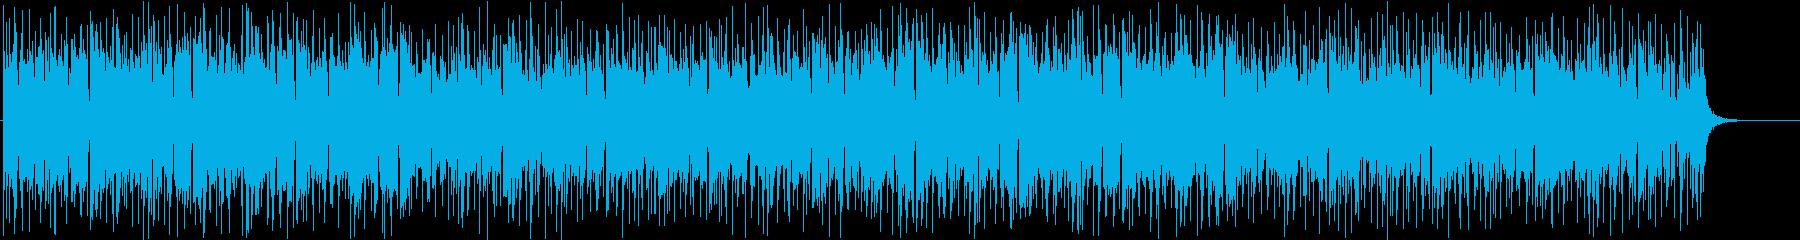 CM向け 透明感のあるエレクトロニカの再生済みの波形